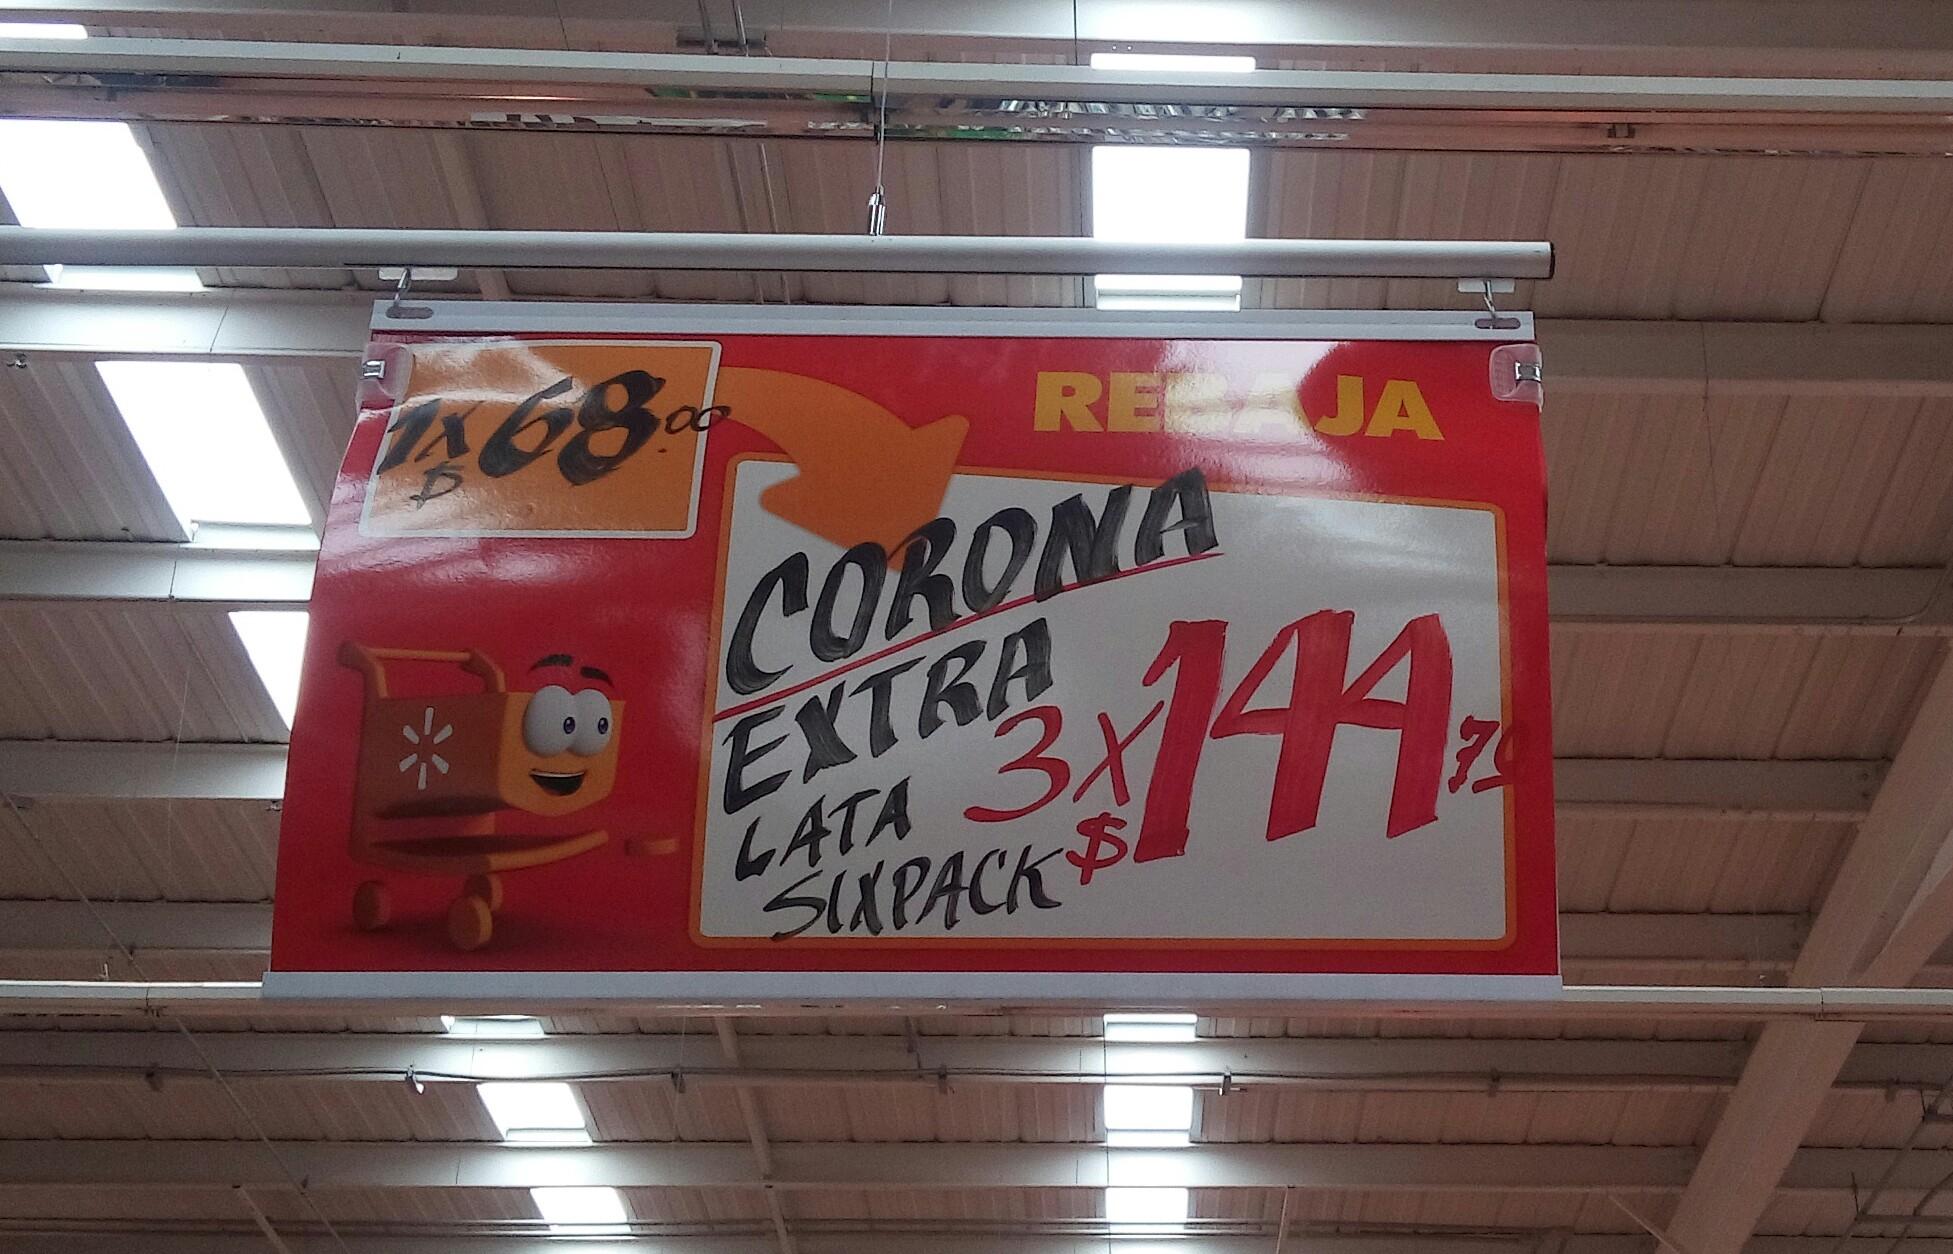 Walmart 57 San Luís Potosí: 3 six de Corona lata por $144